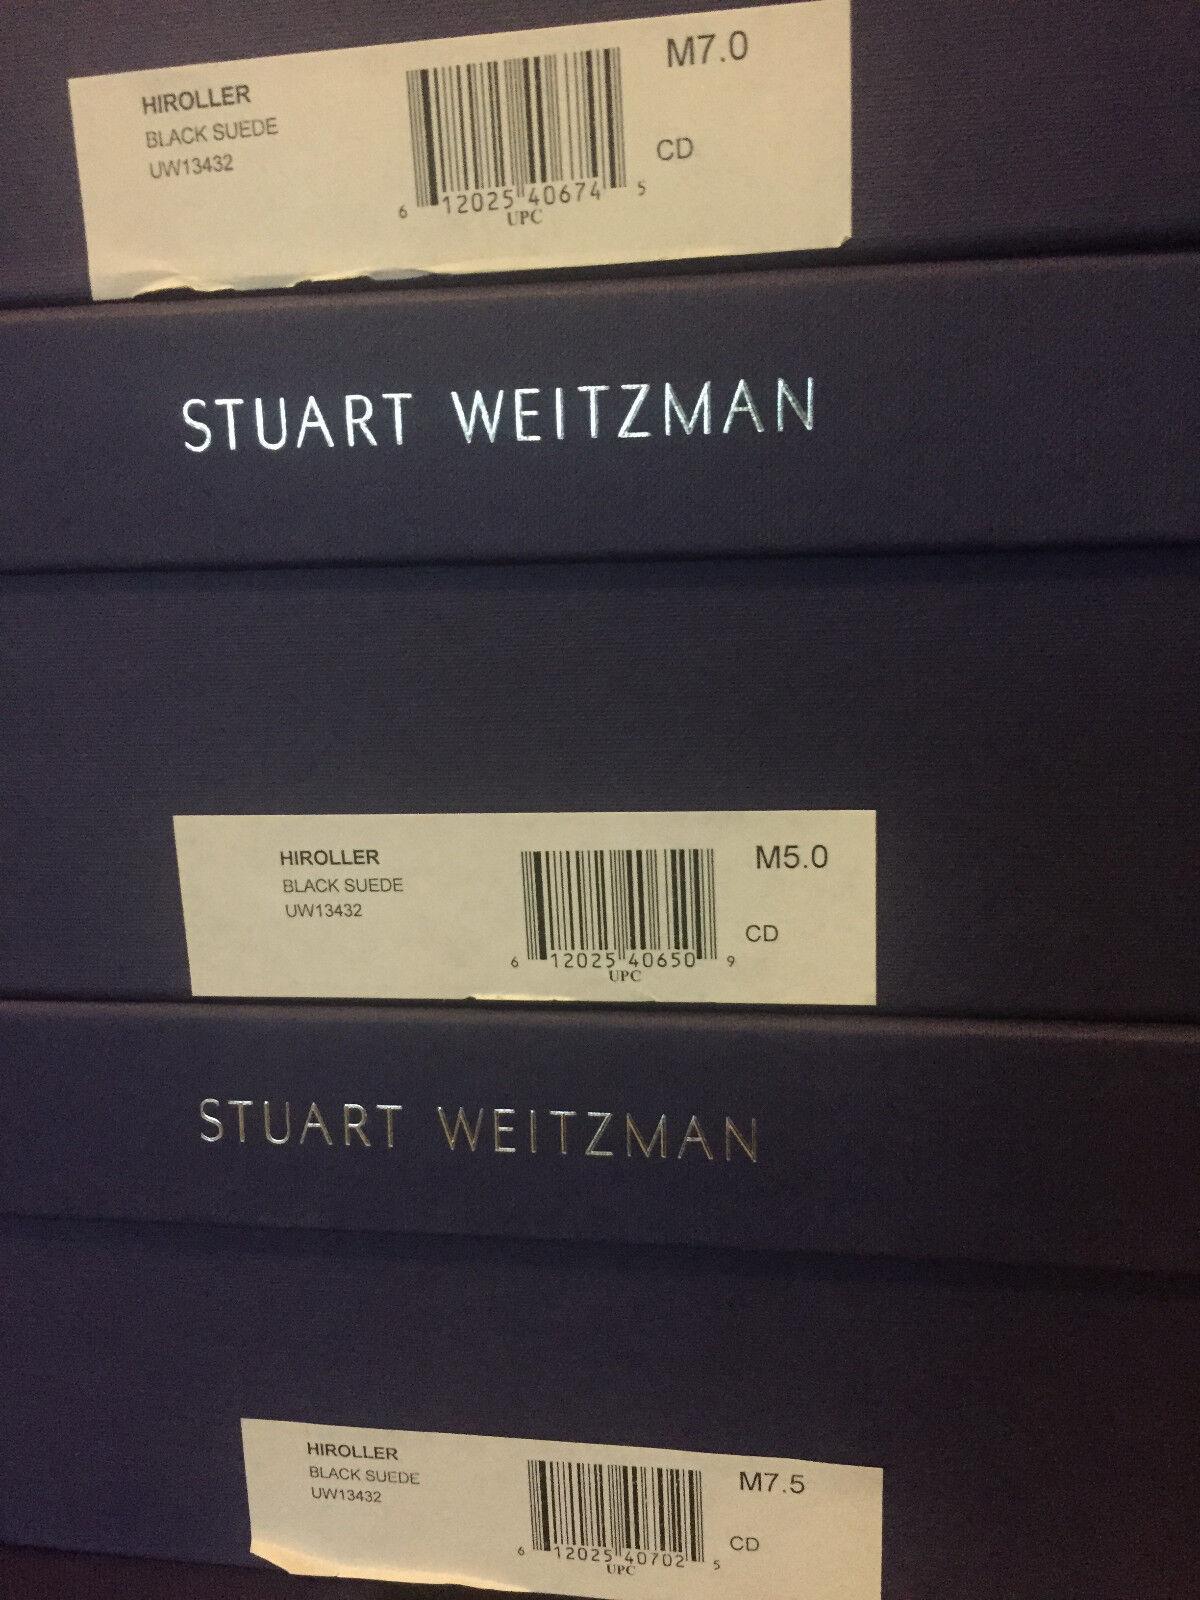 NIB Stuart Weitzman Weitzman Weitzman Hiroller Sandal schwarz suede 5 7 7.5 7fc63d